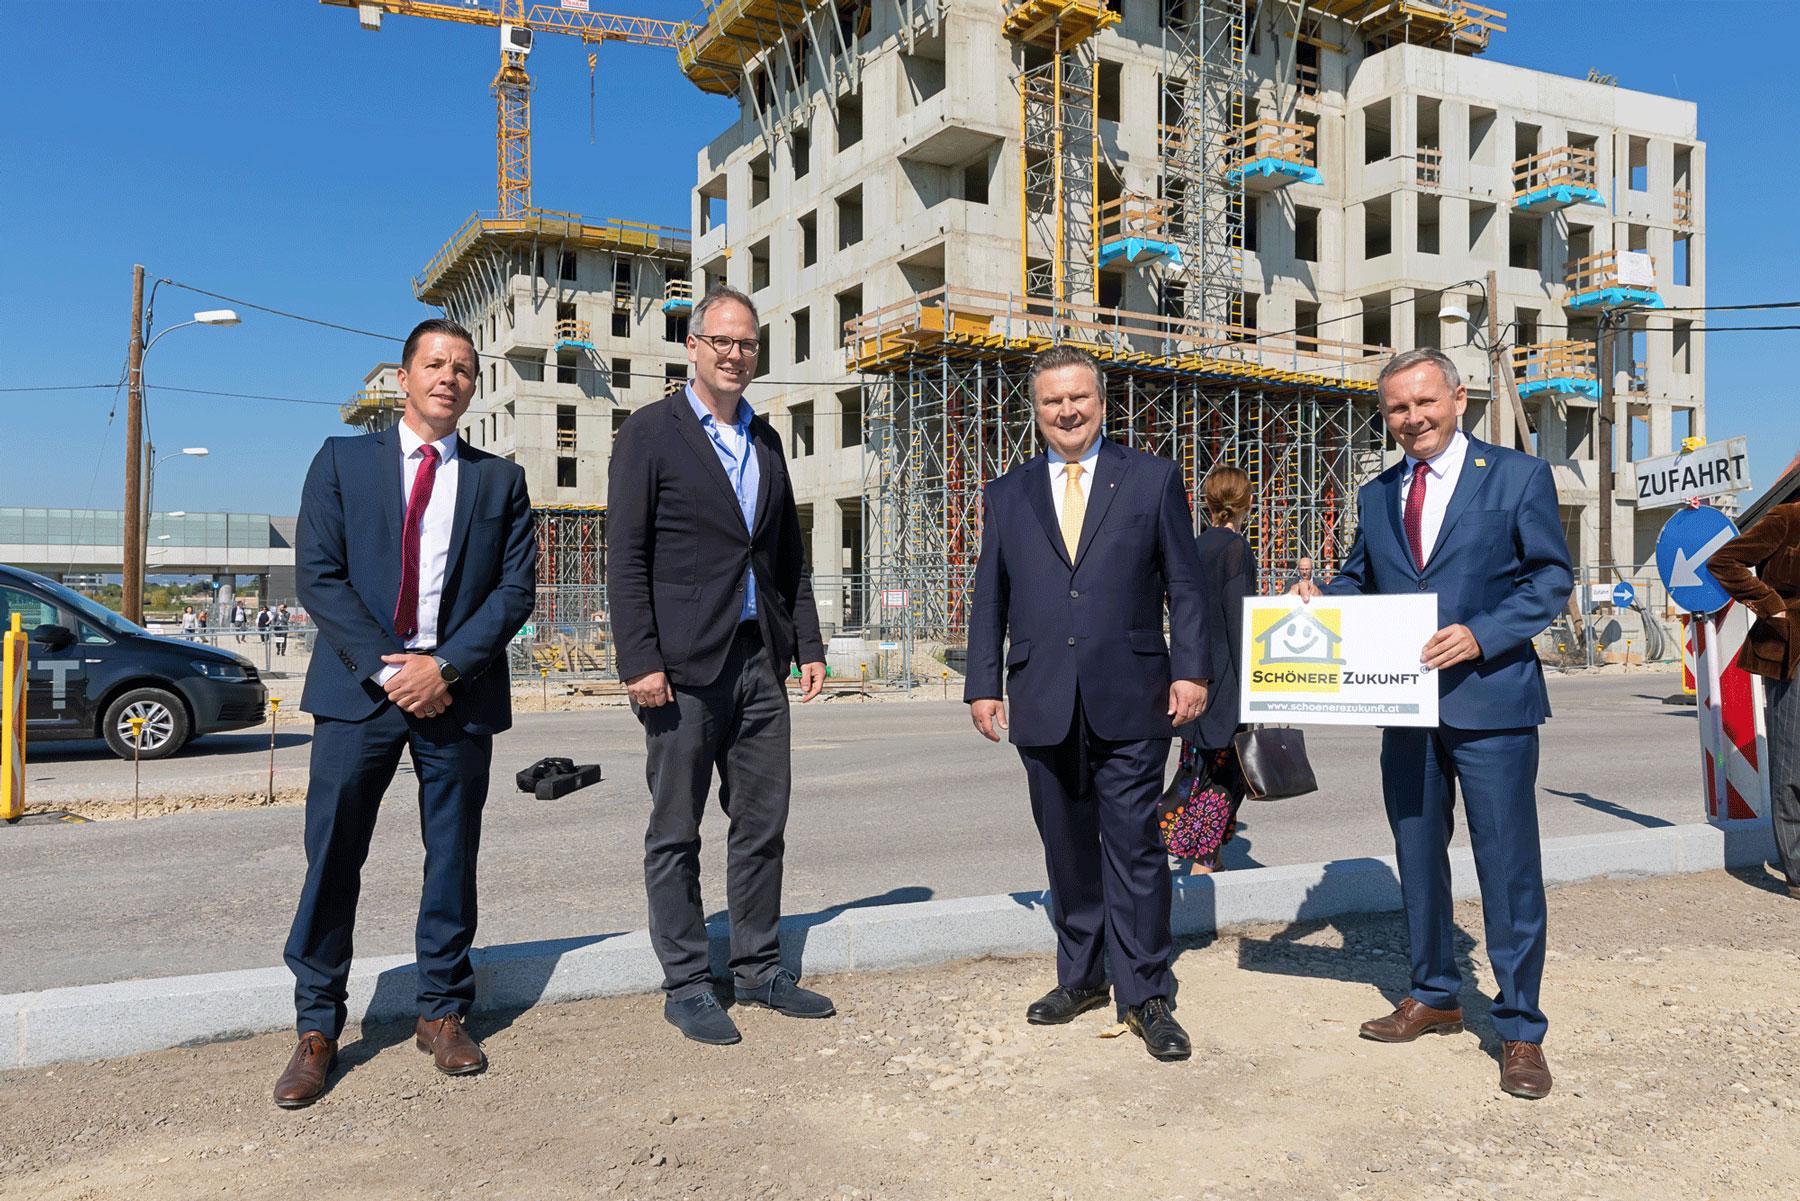 Bürgermeister Ludwig und Wohnbaustadträtin Kathrin Gaál besuchen unsere Baustelle in der Seestadt